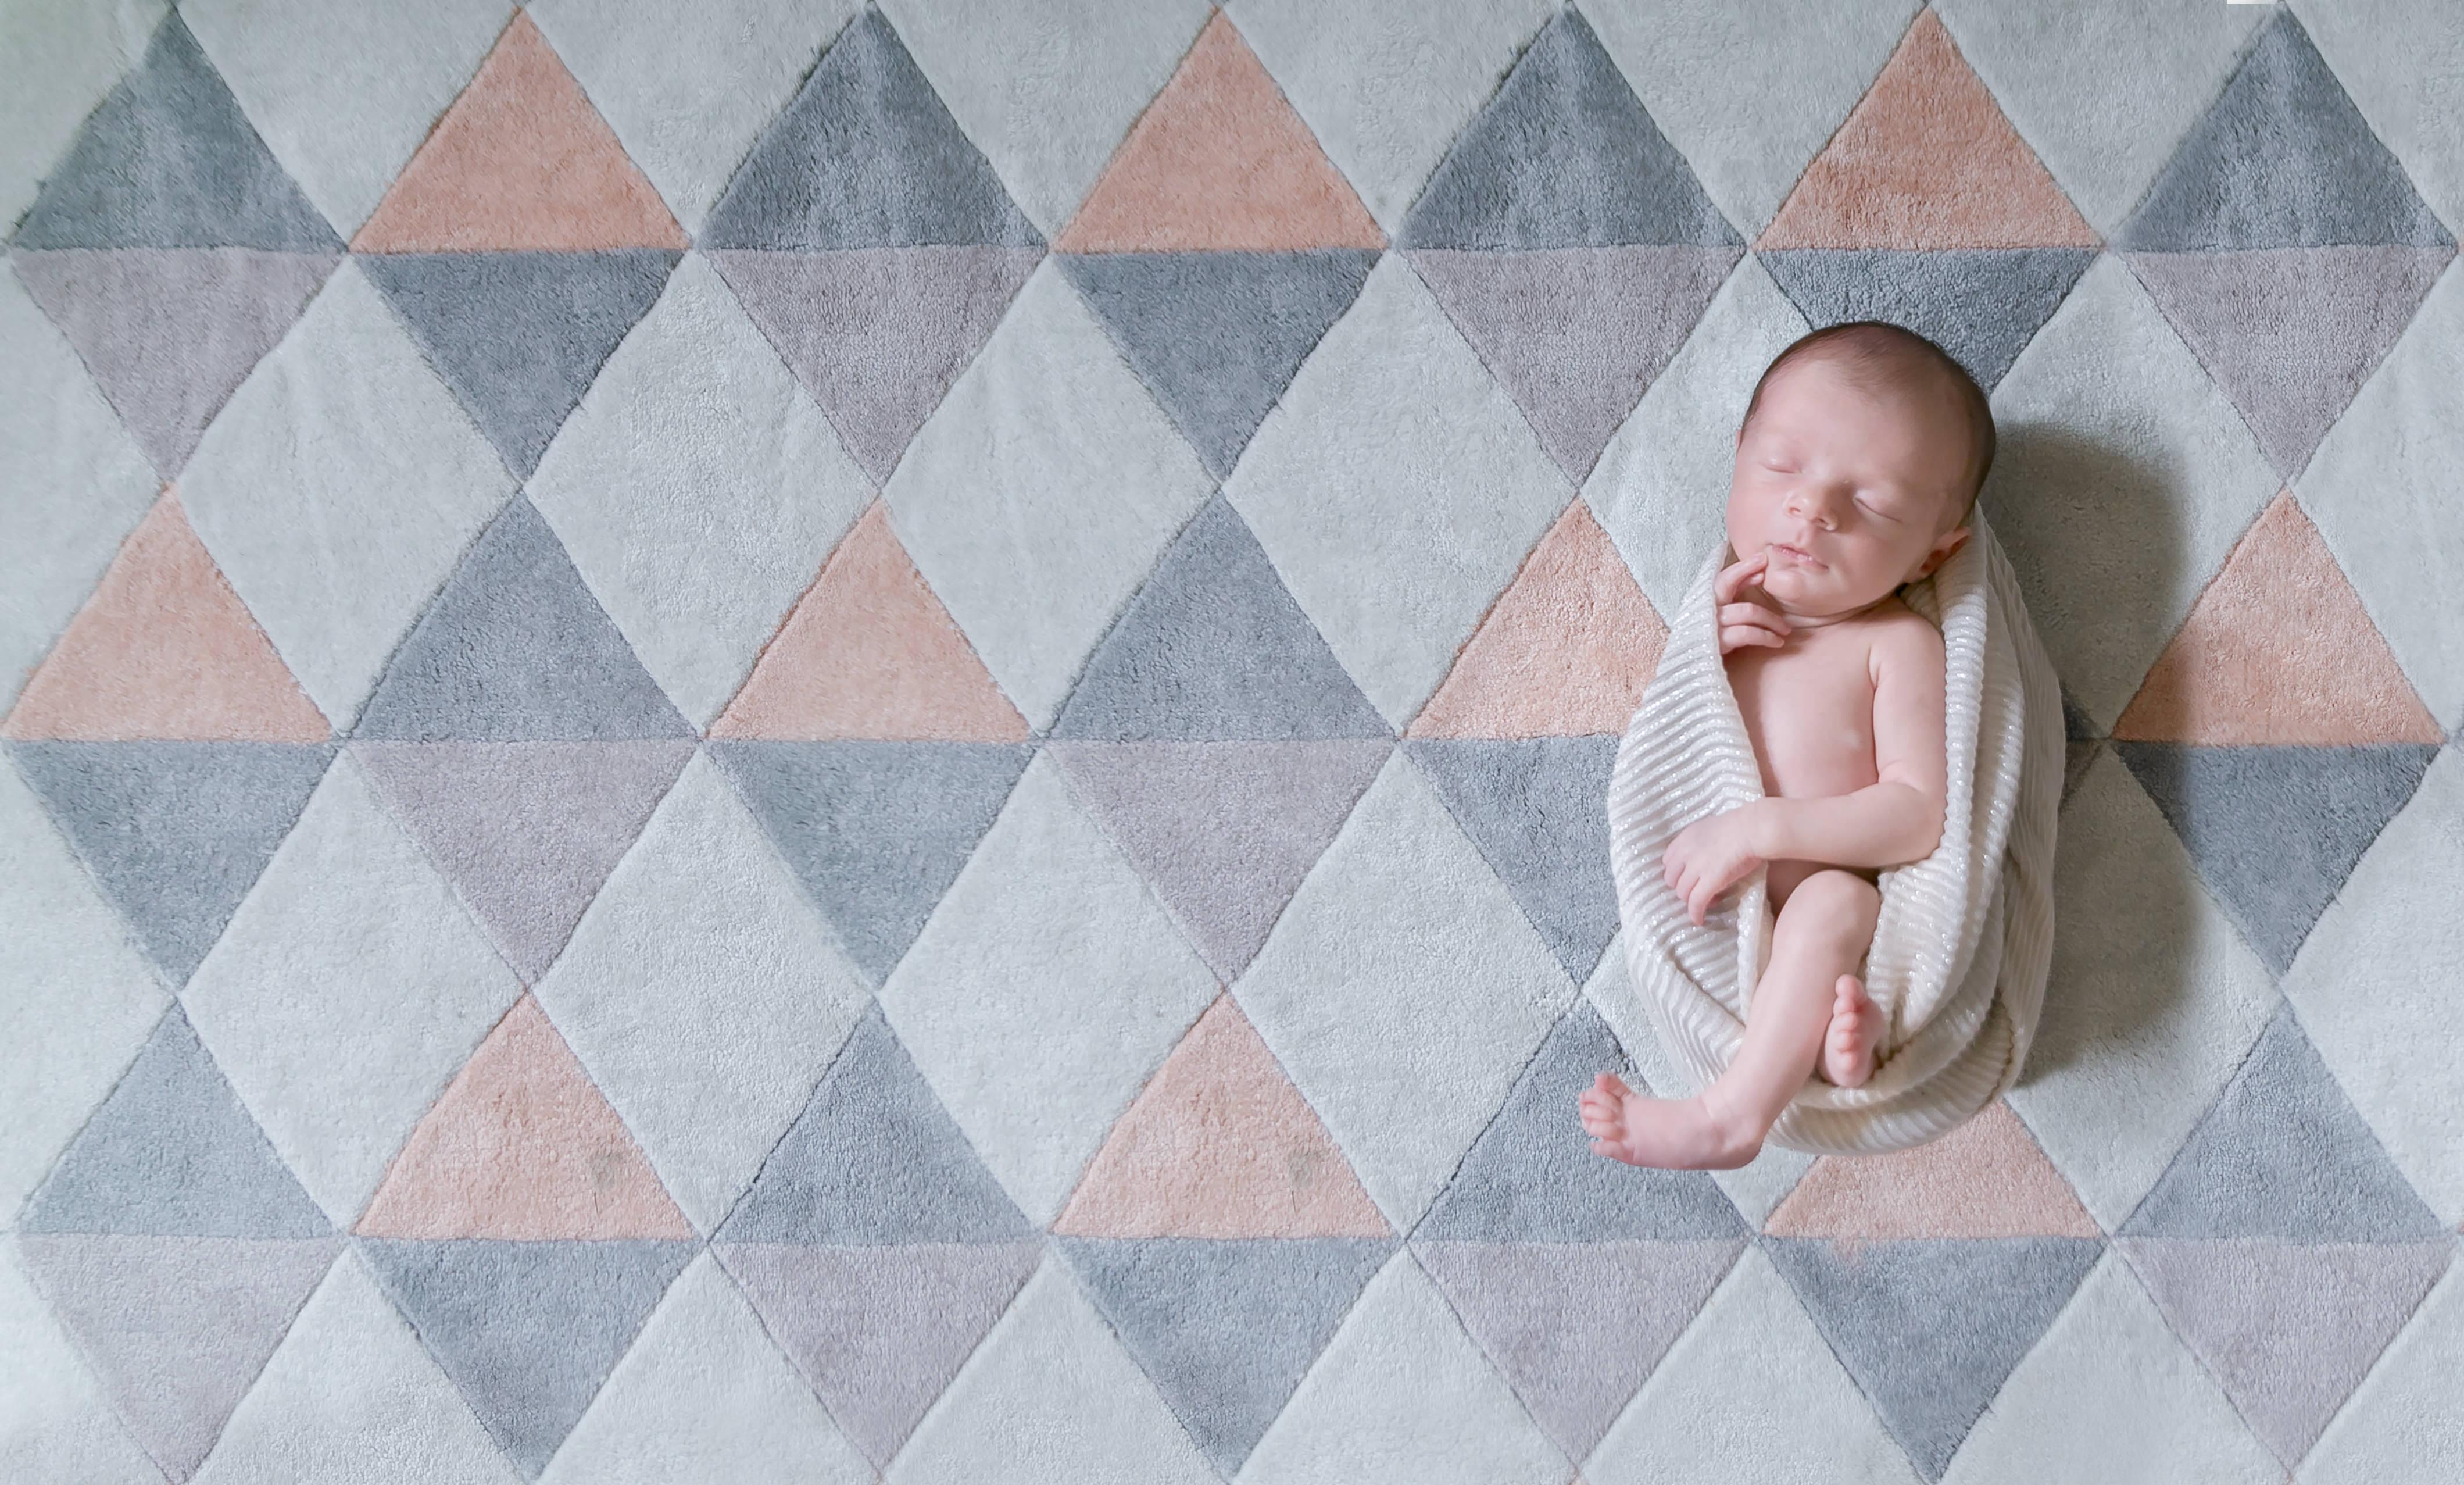 Séance photo de naissance photographe a domicile dans le Val d'oise